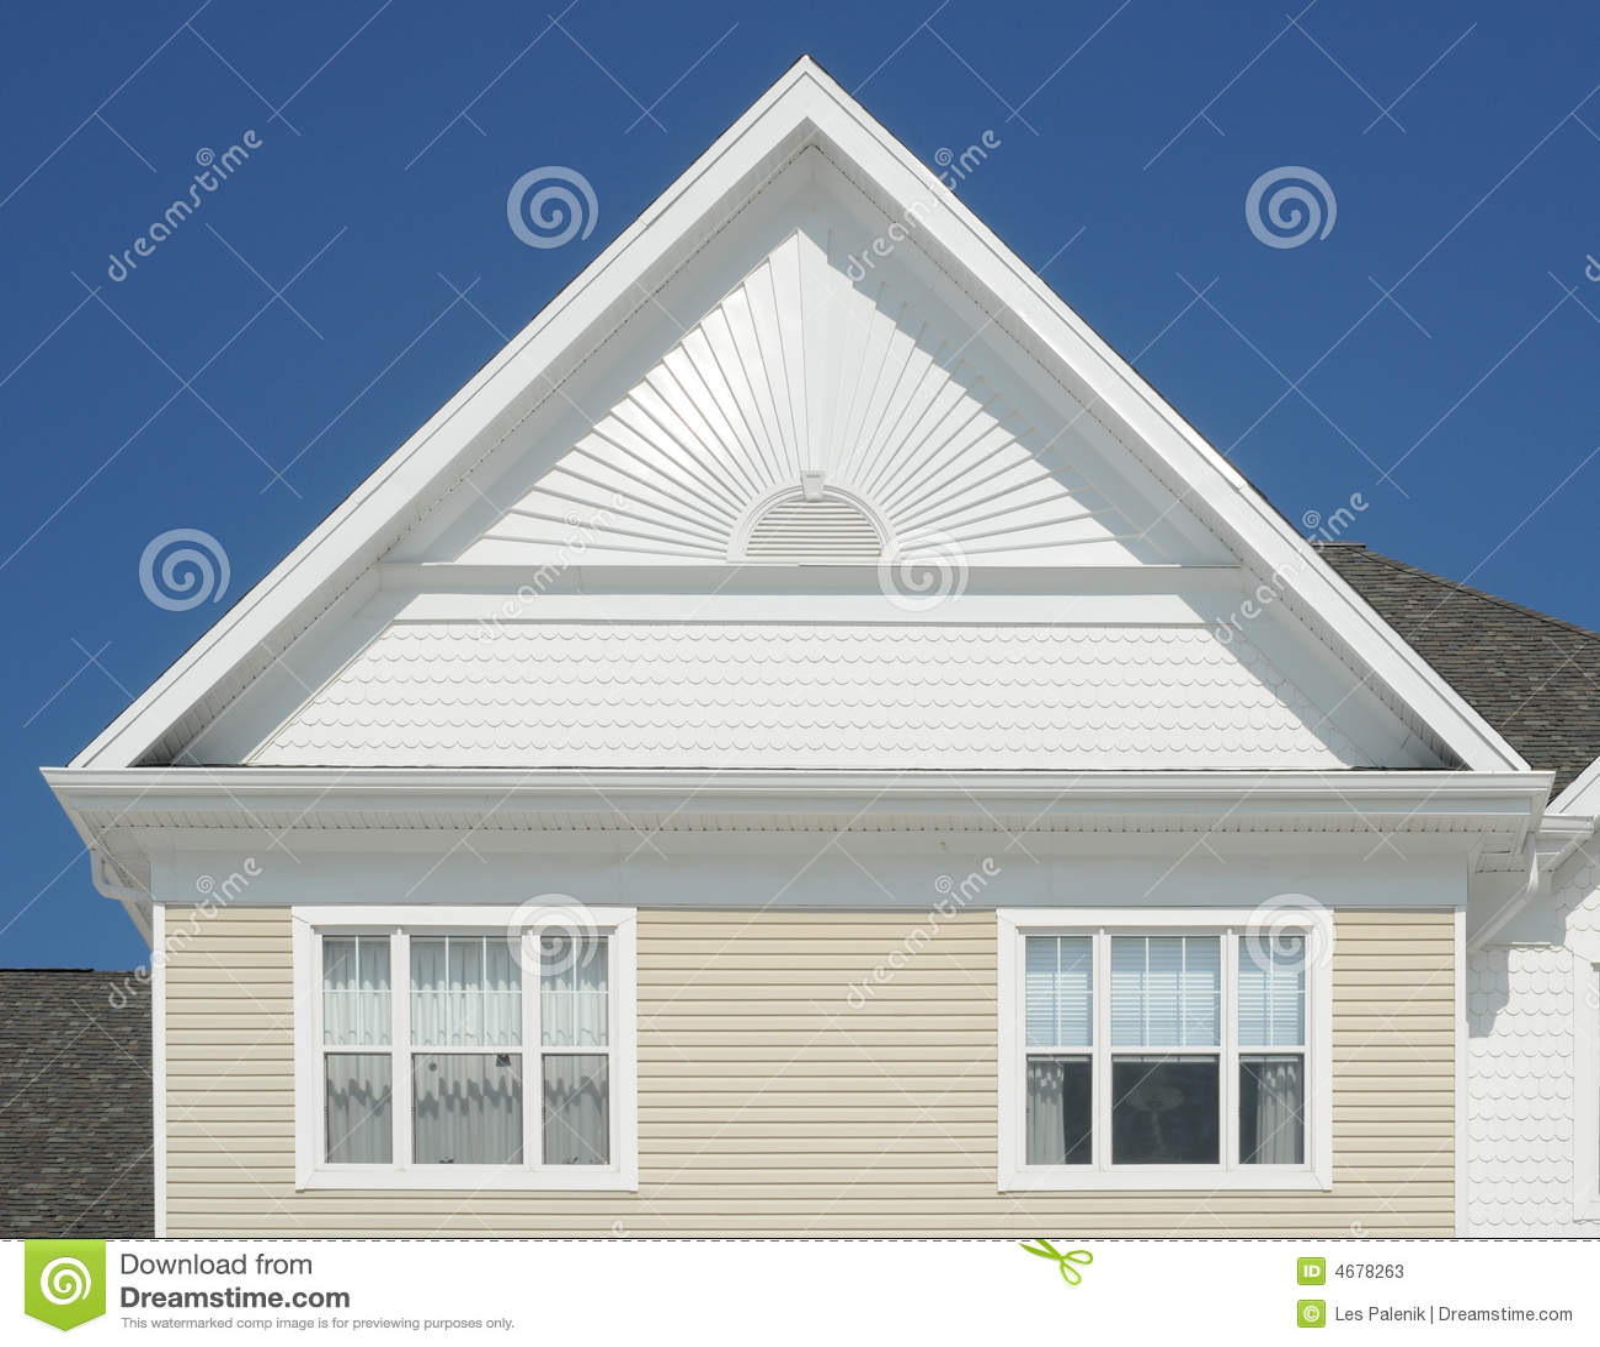 Gable Roof On A House Stock Photos